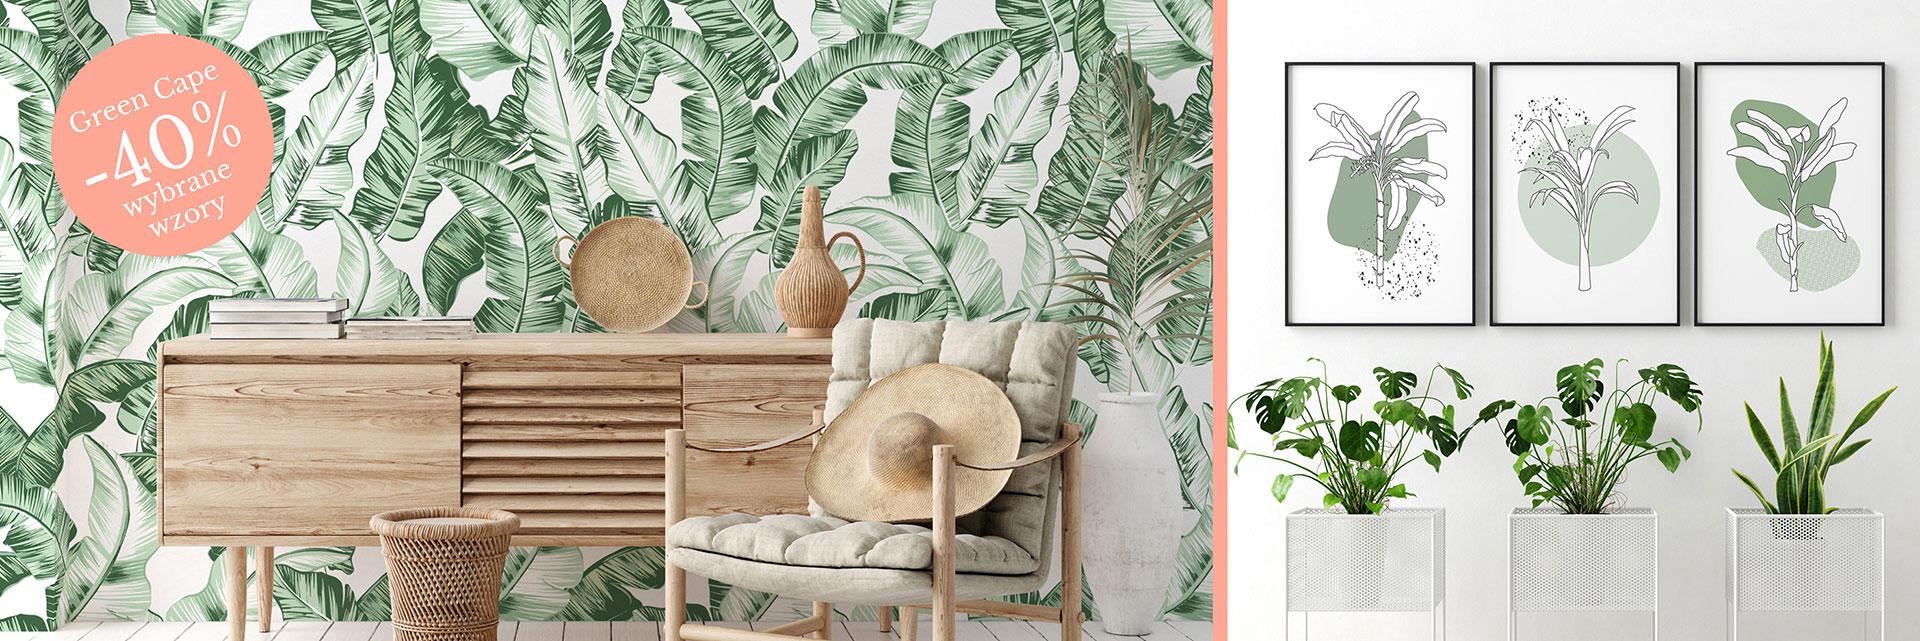 tapety tropikalne,tropikalna tapeta,aranżacja wnętrz,tropikalna aranżacja wnętrz, pokój w stylu boho,tapeta w liście bananowca